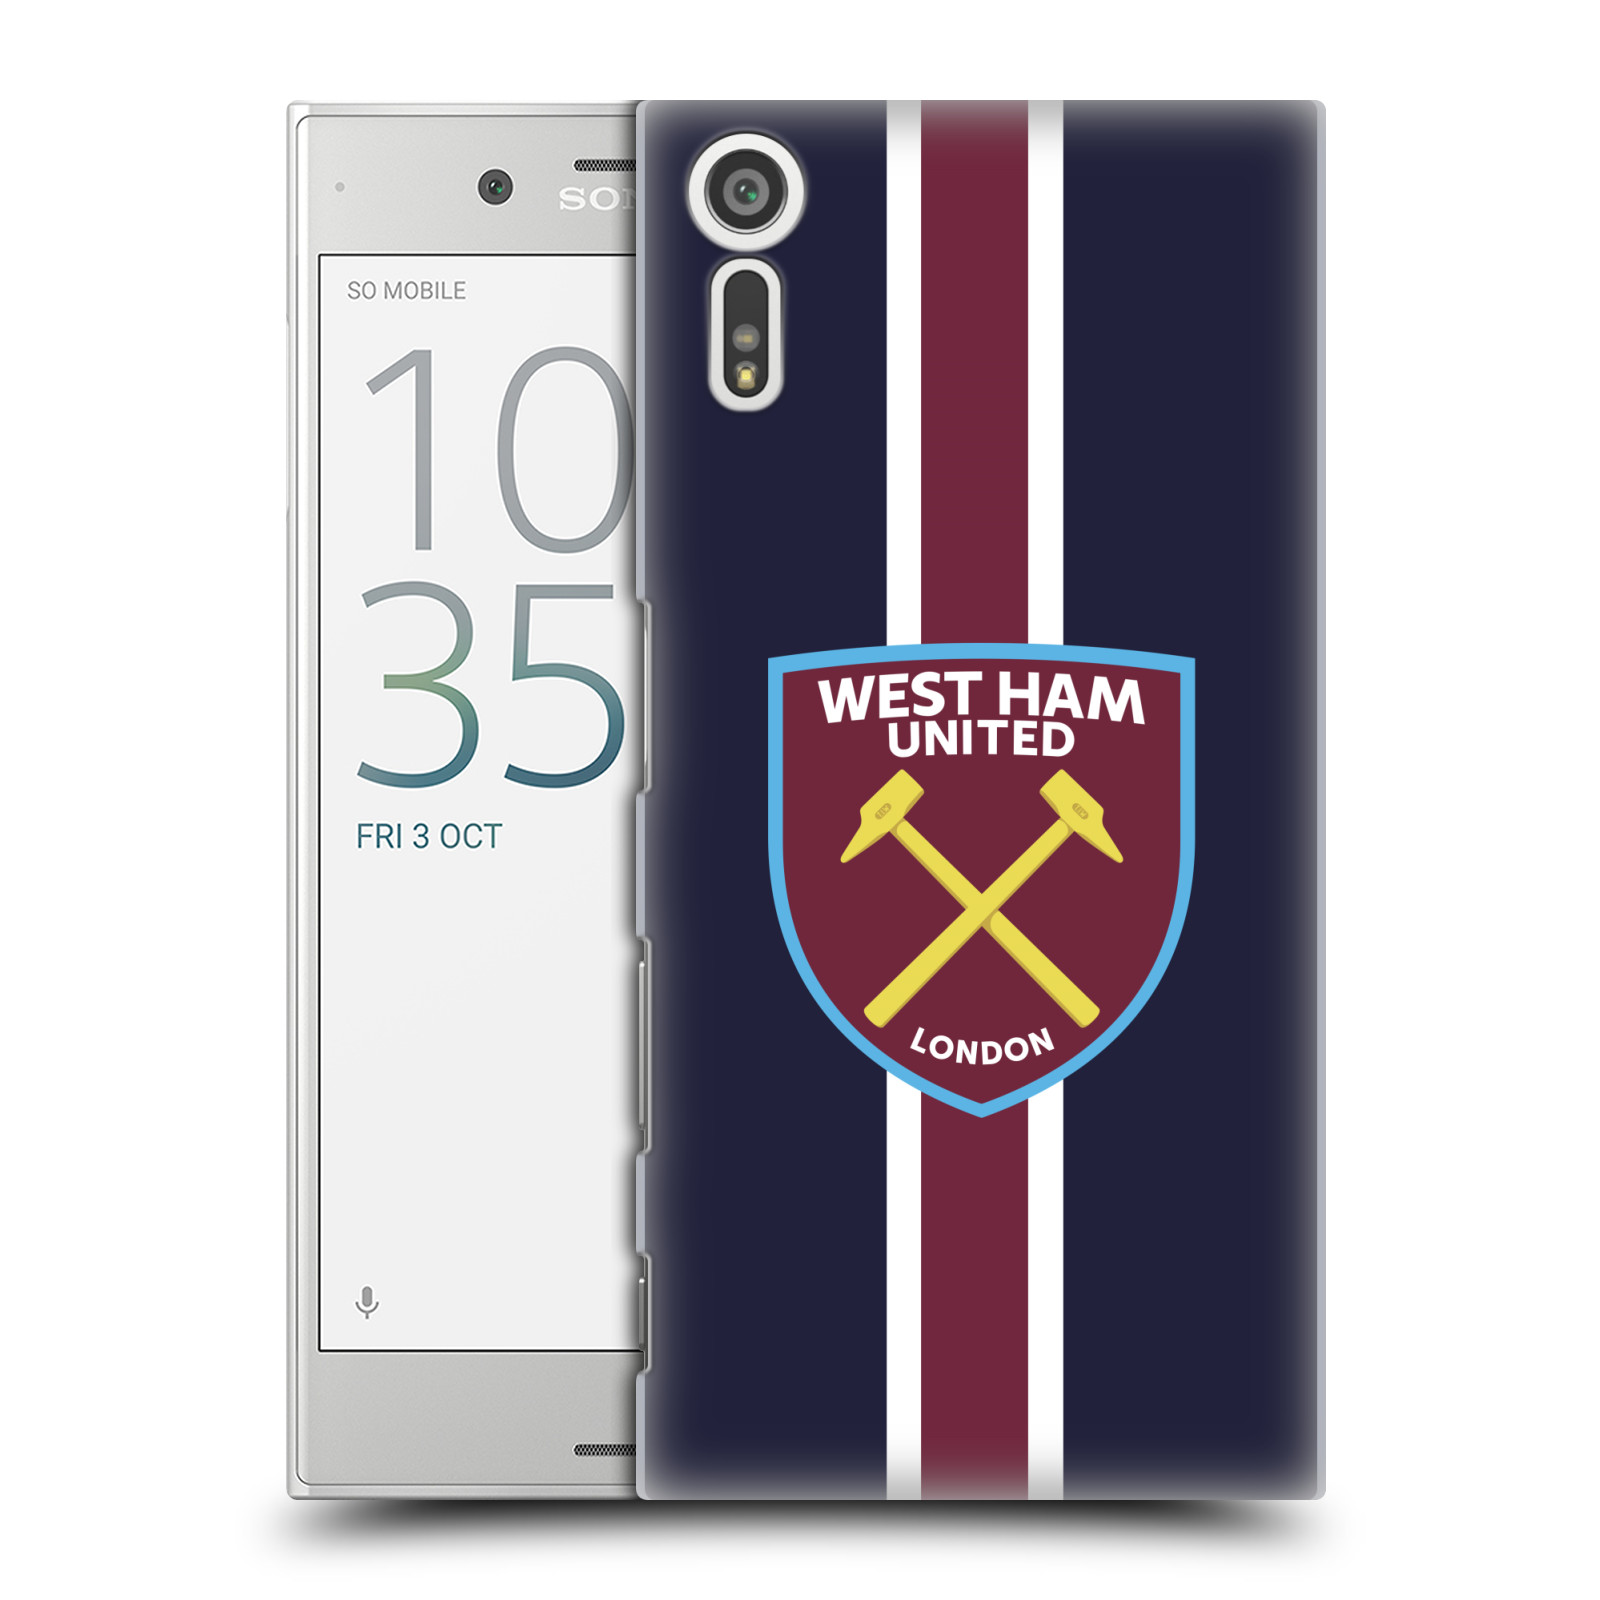 Plastové pouzdro na mobil Sony Xperia XZ - Head Case - West Ham United - Pruhy (Plastový kryt či obal na mobilní telefon s motivem West Ham United - Kladiváři - Pruhy pro Sony Xperia XZ F8331 / Sony Xperia XZ Dual F8332)